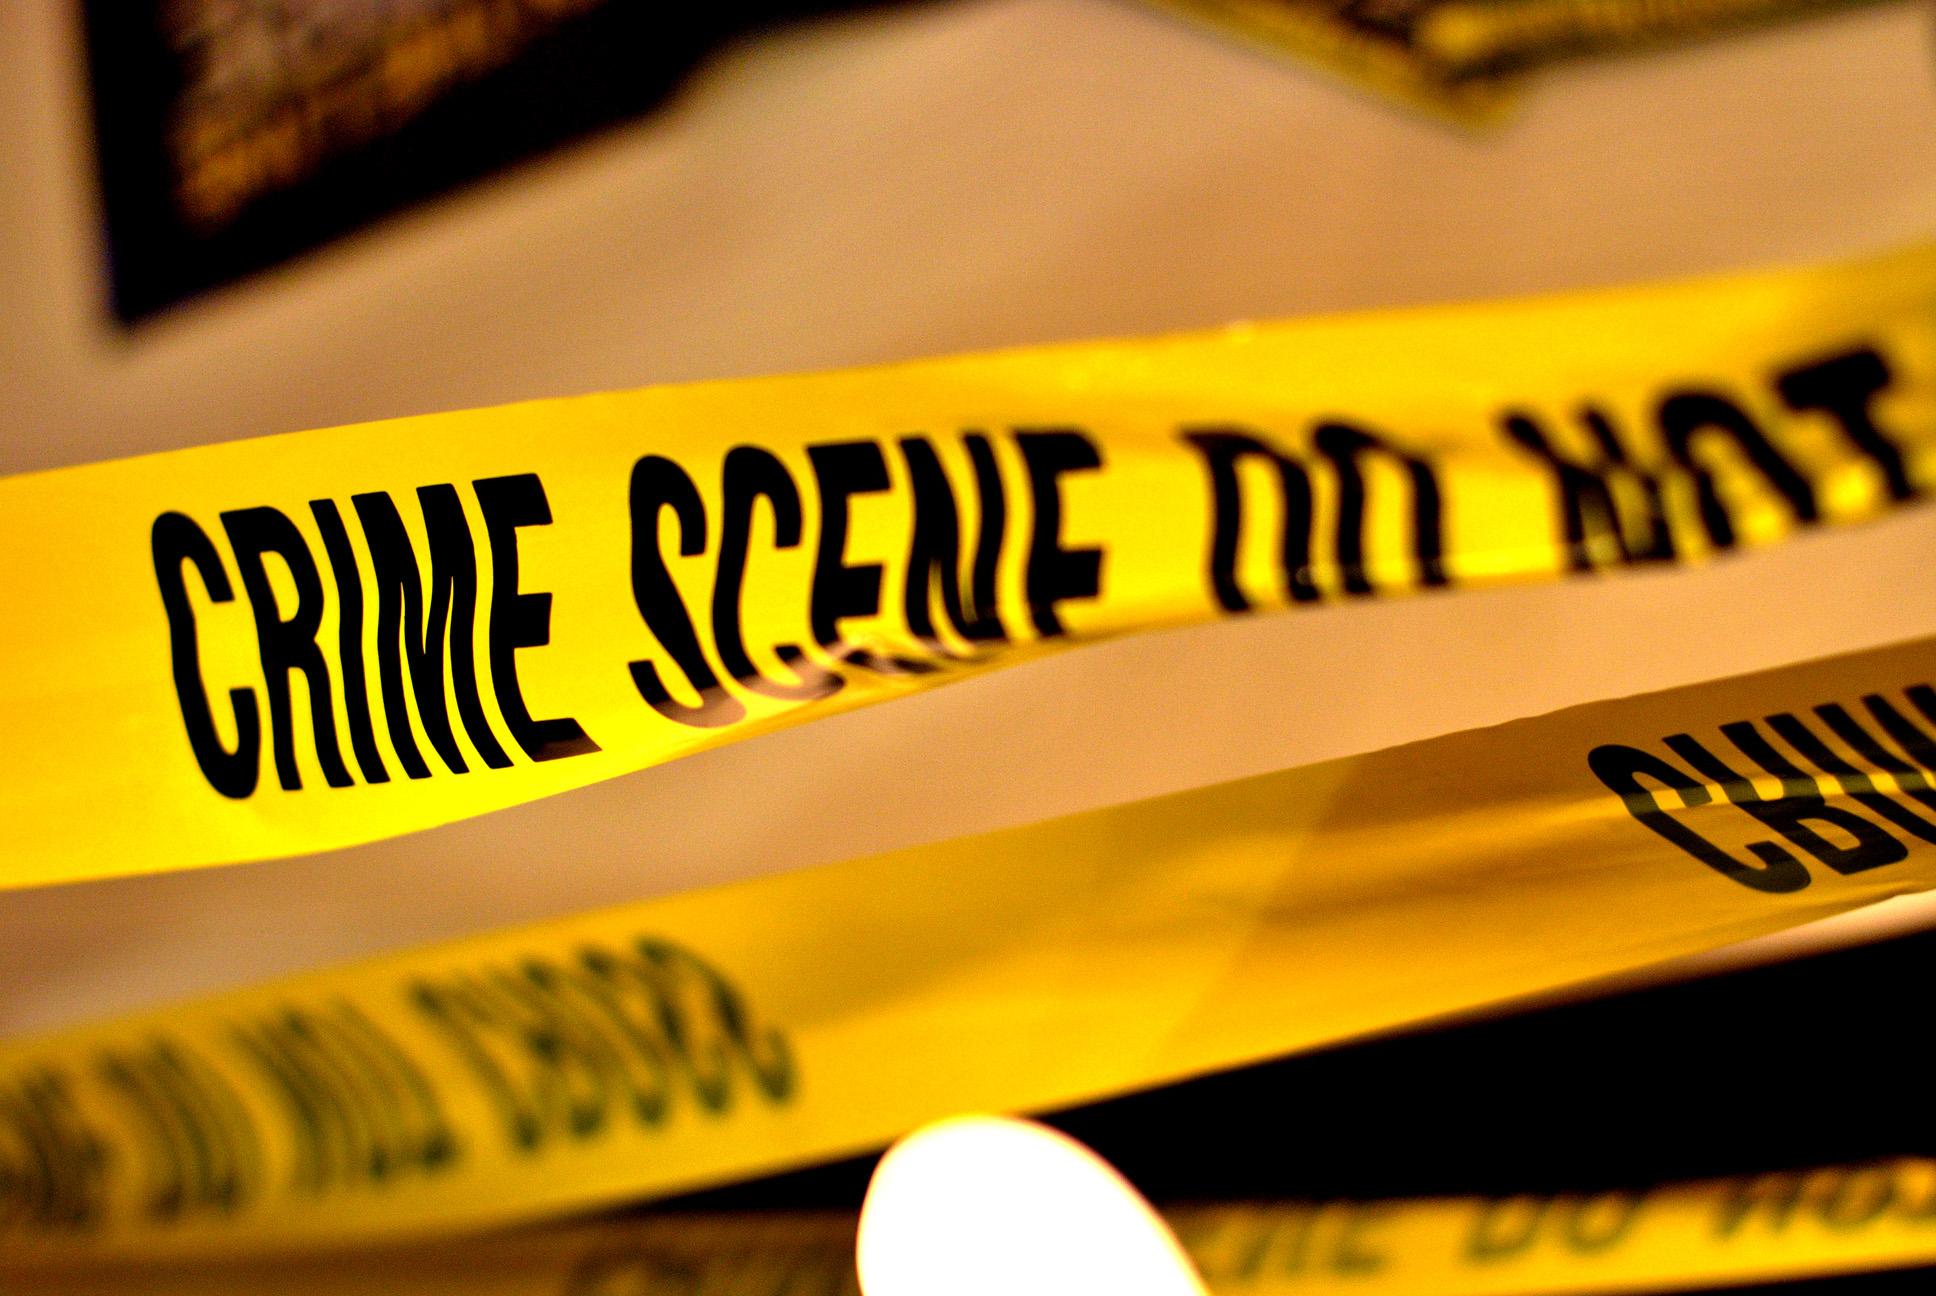 Crime Scene image